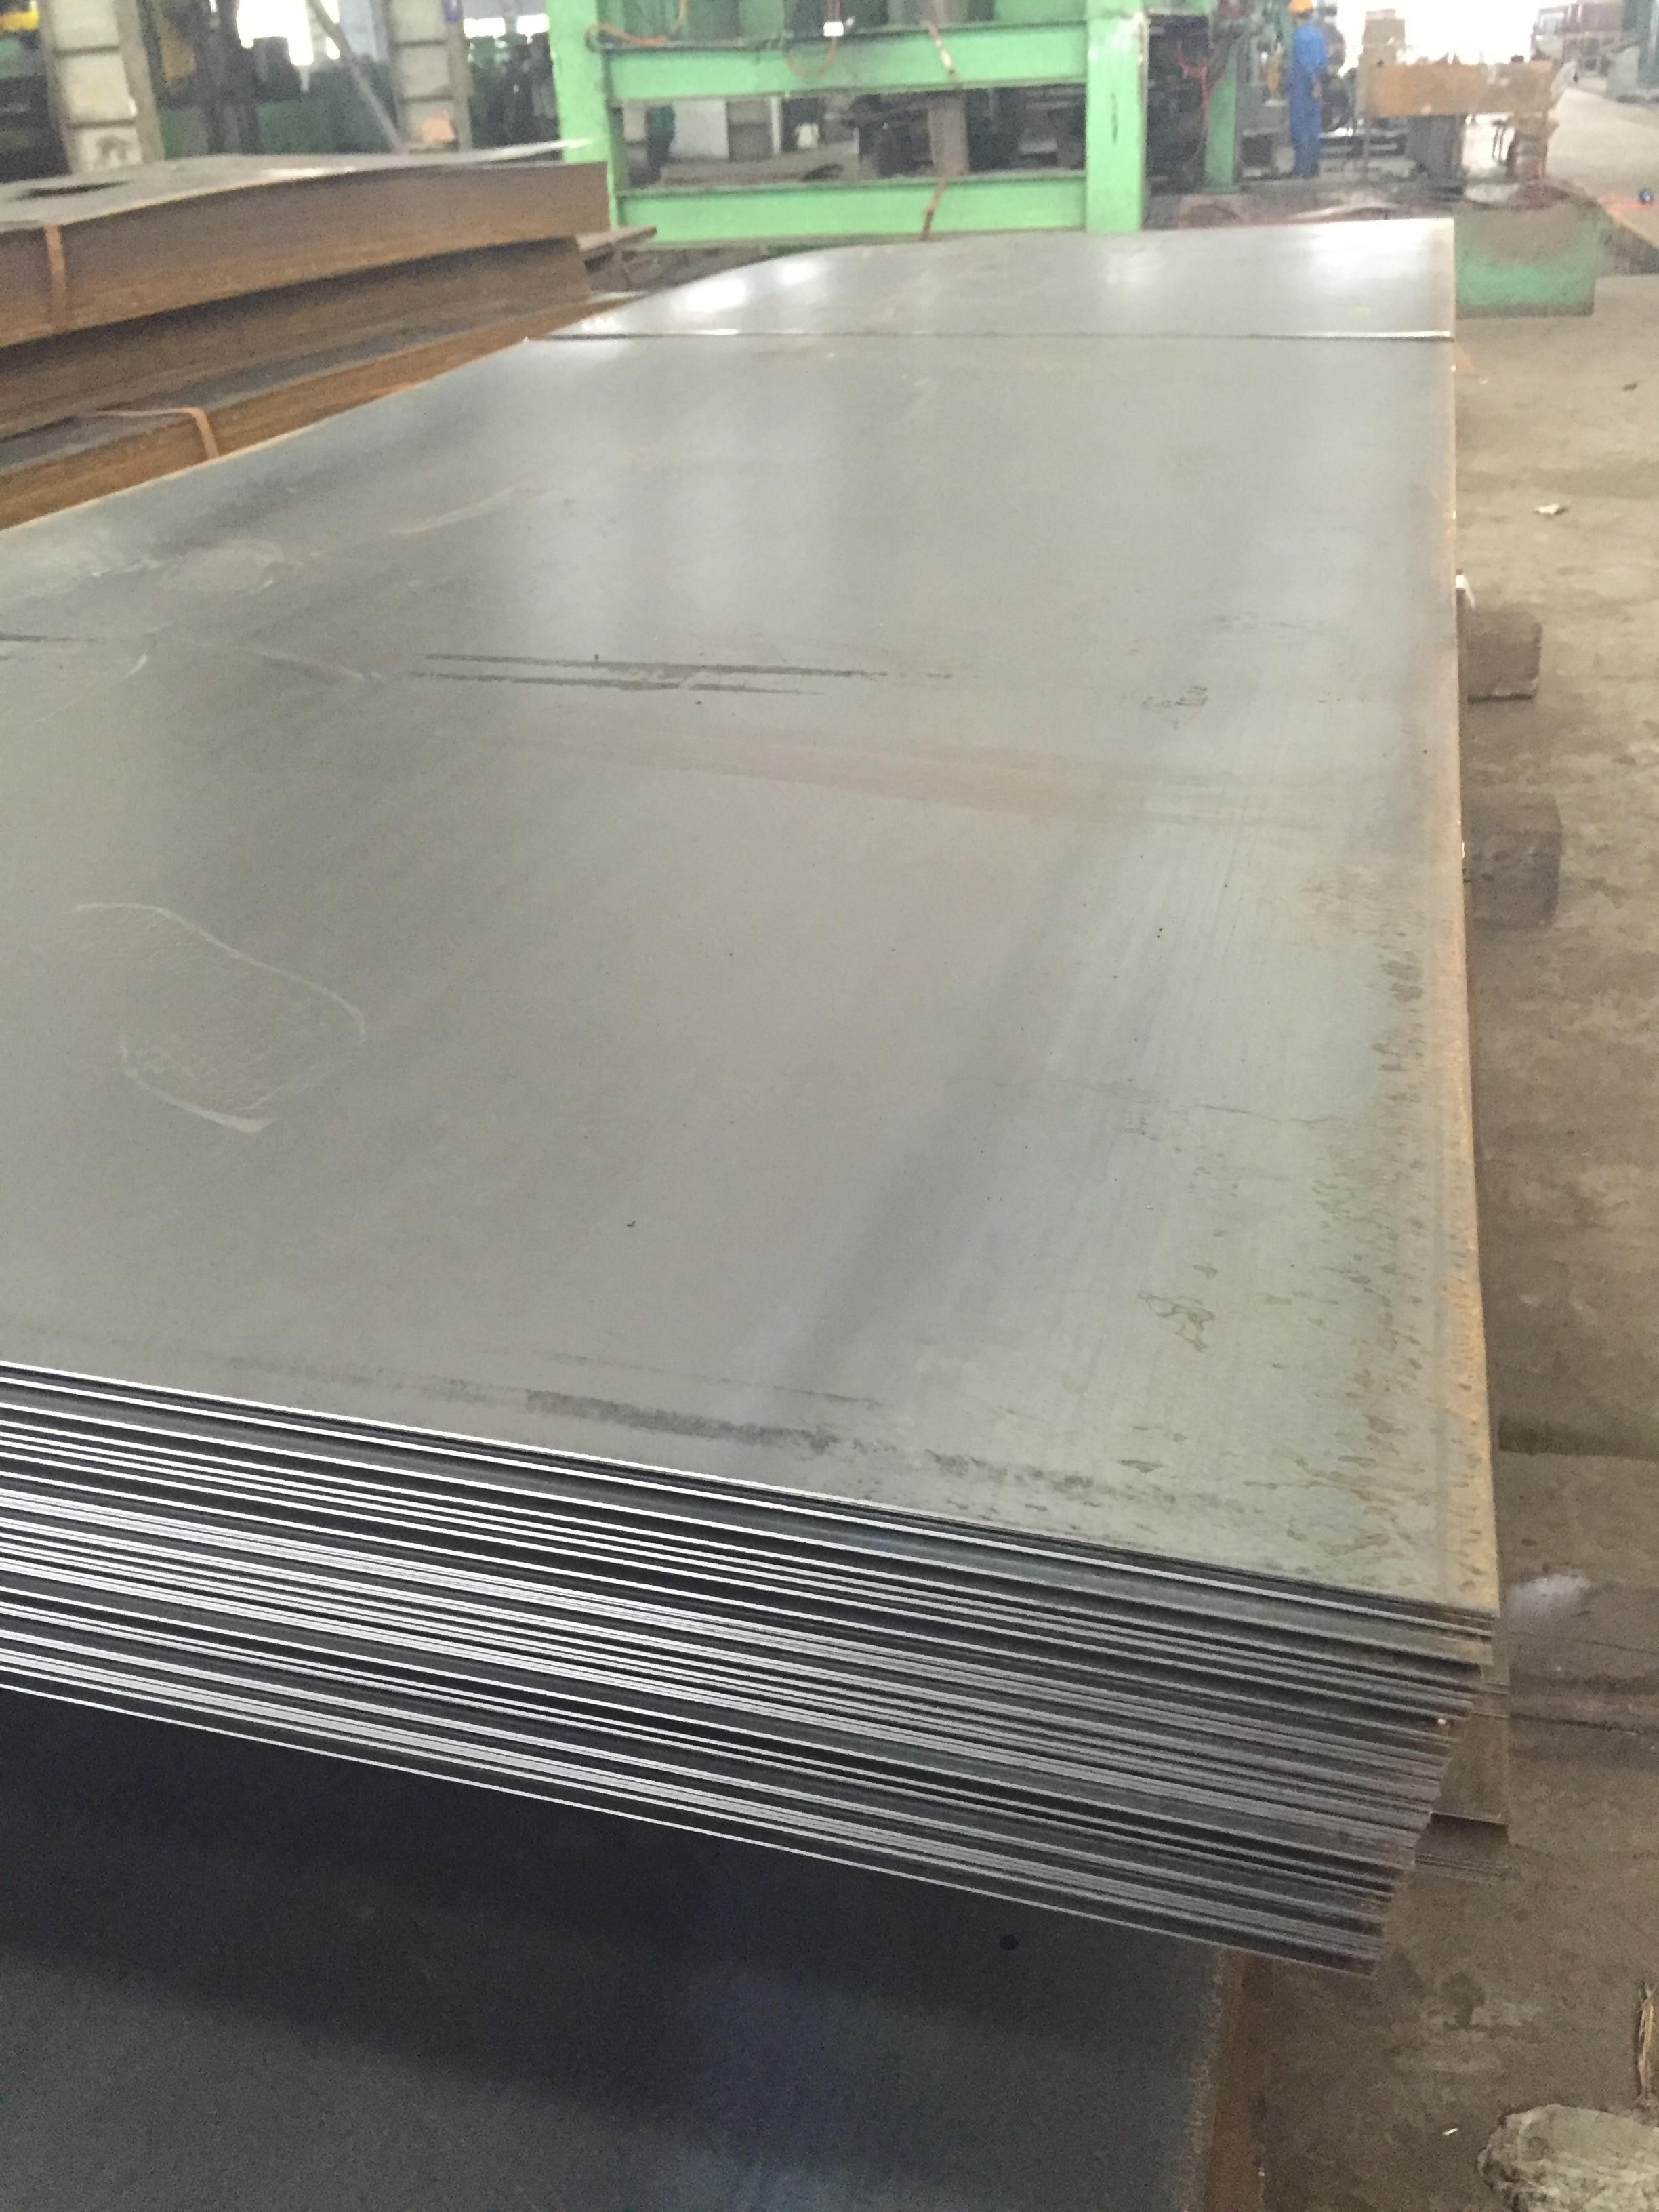 江苏D2模具钢冷轧薄板/模具钢冷轧薄板/热轧薄板/江苏冷轧薄板厂家